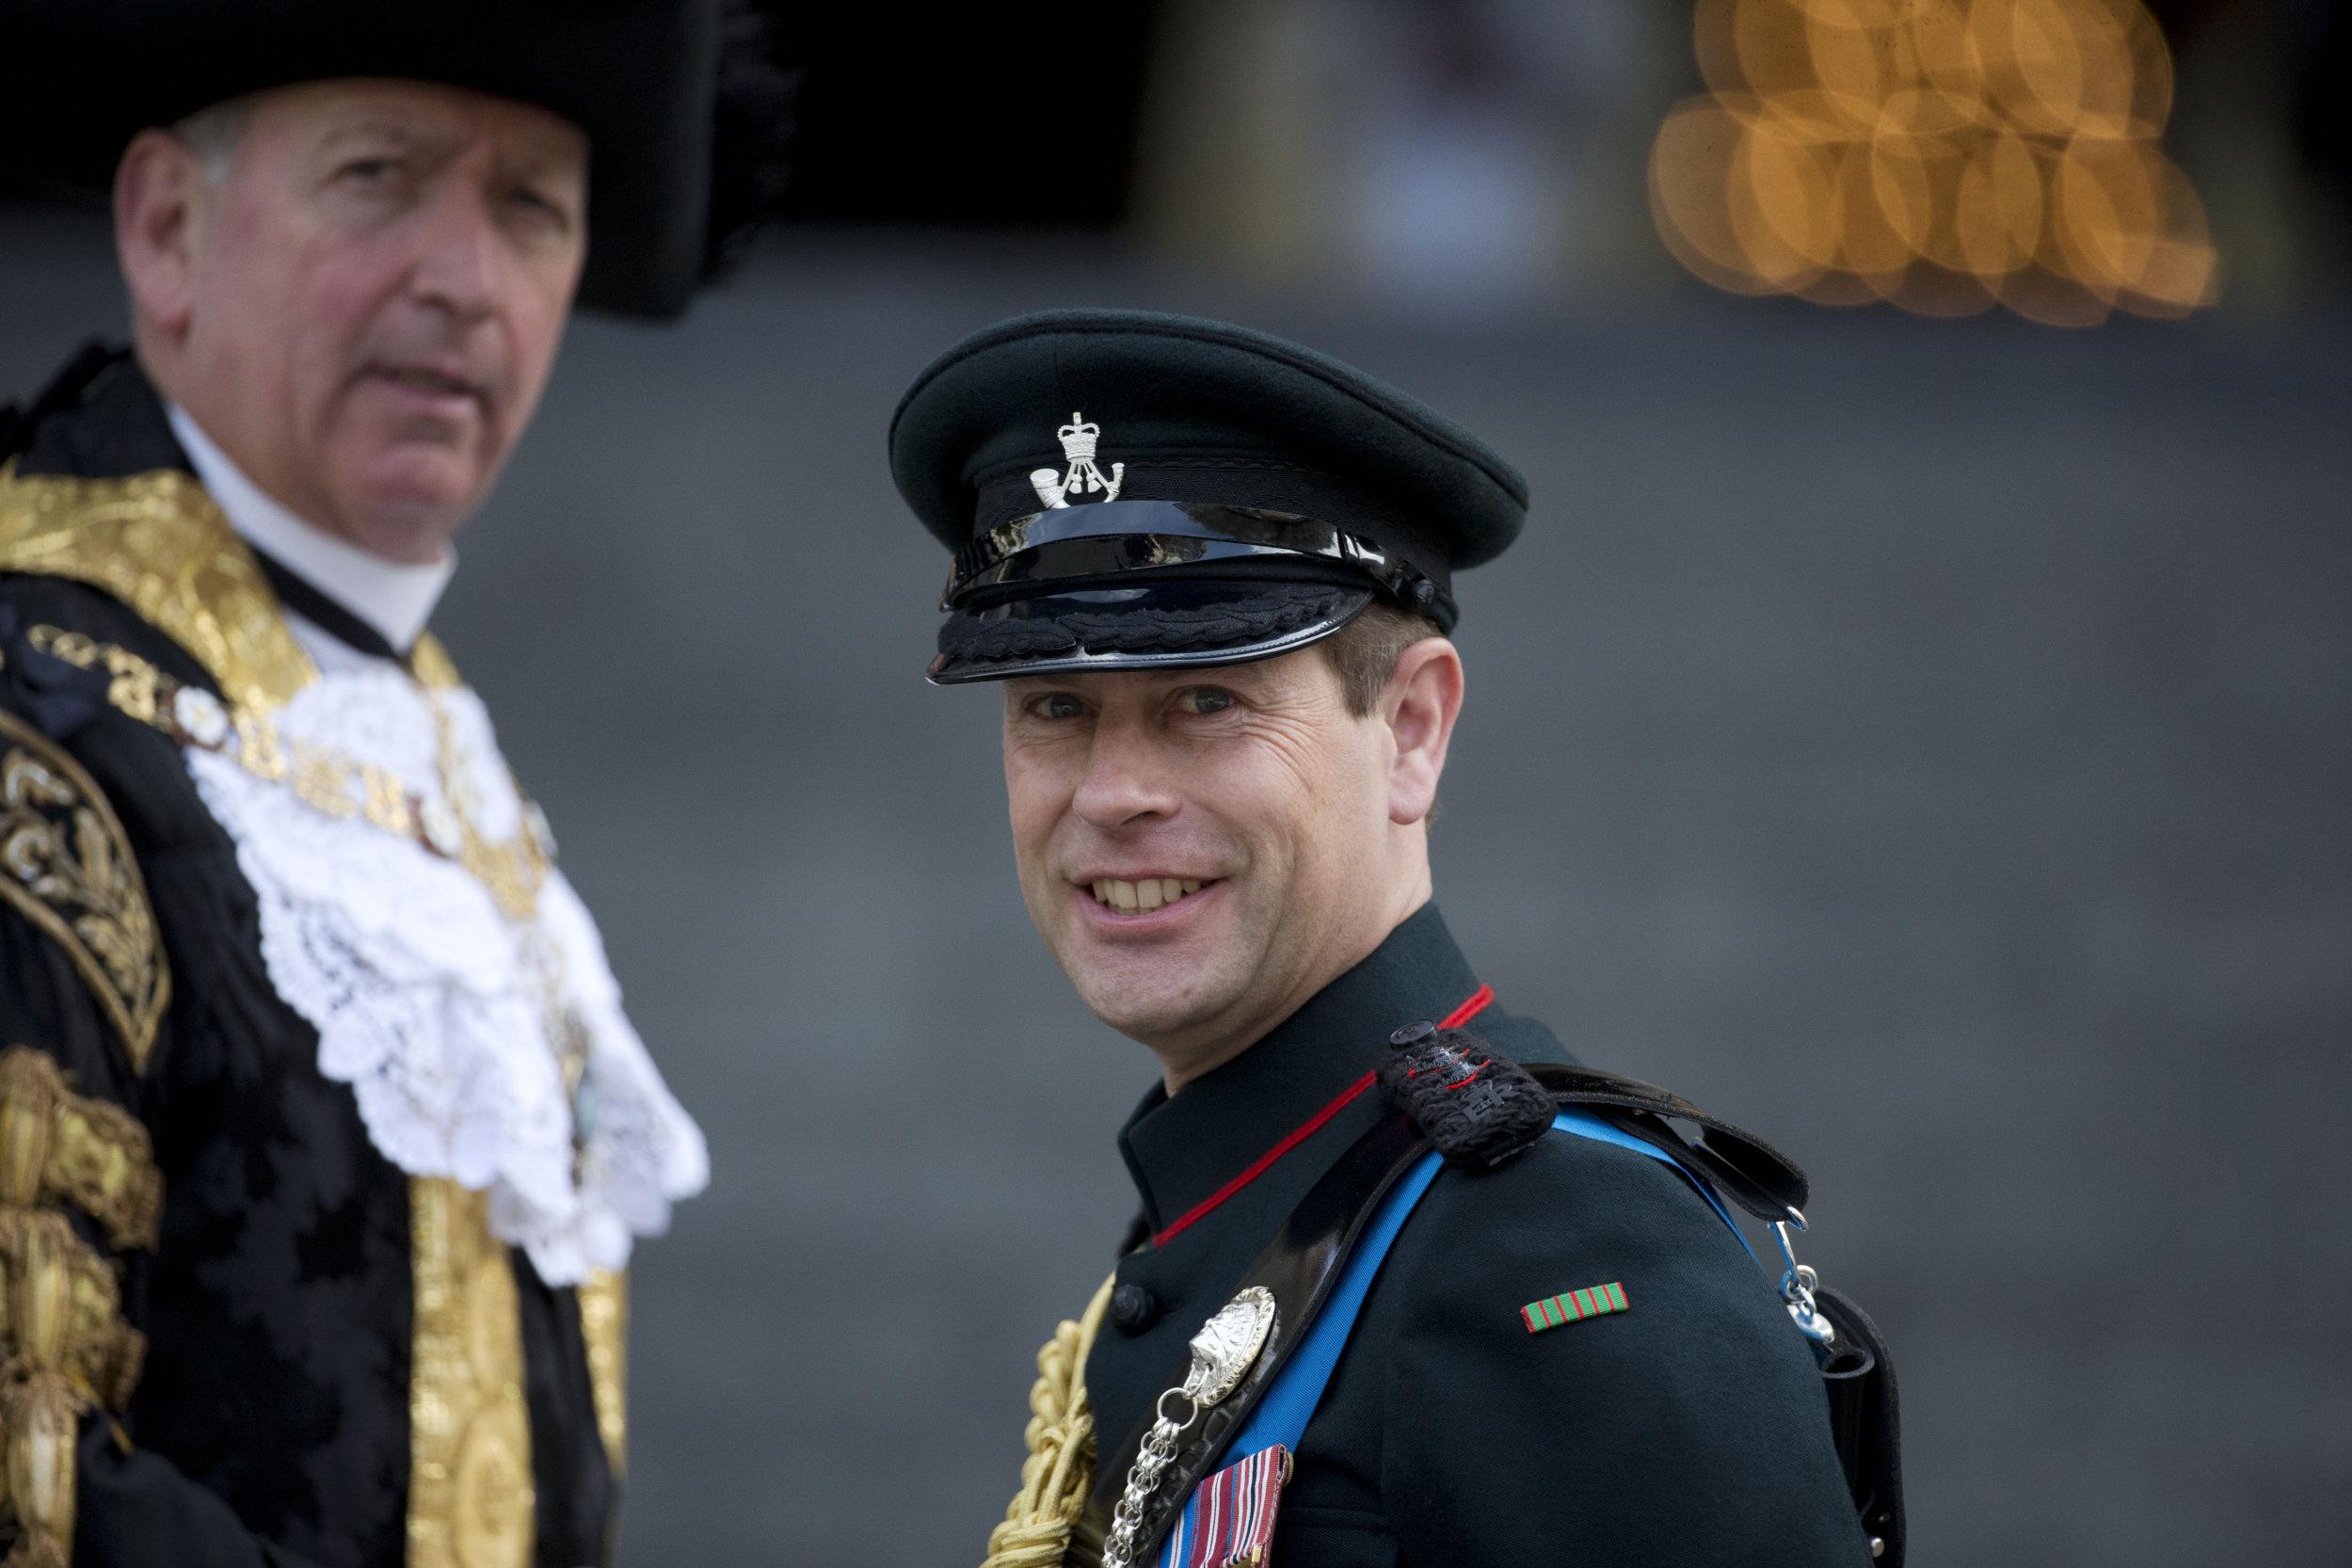 Casa Real de Gran Bretaña e Irlanda del Norte. - Página 8 23332586